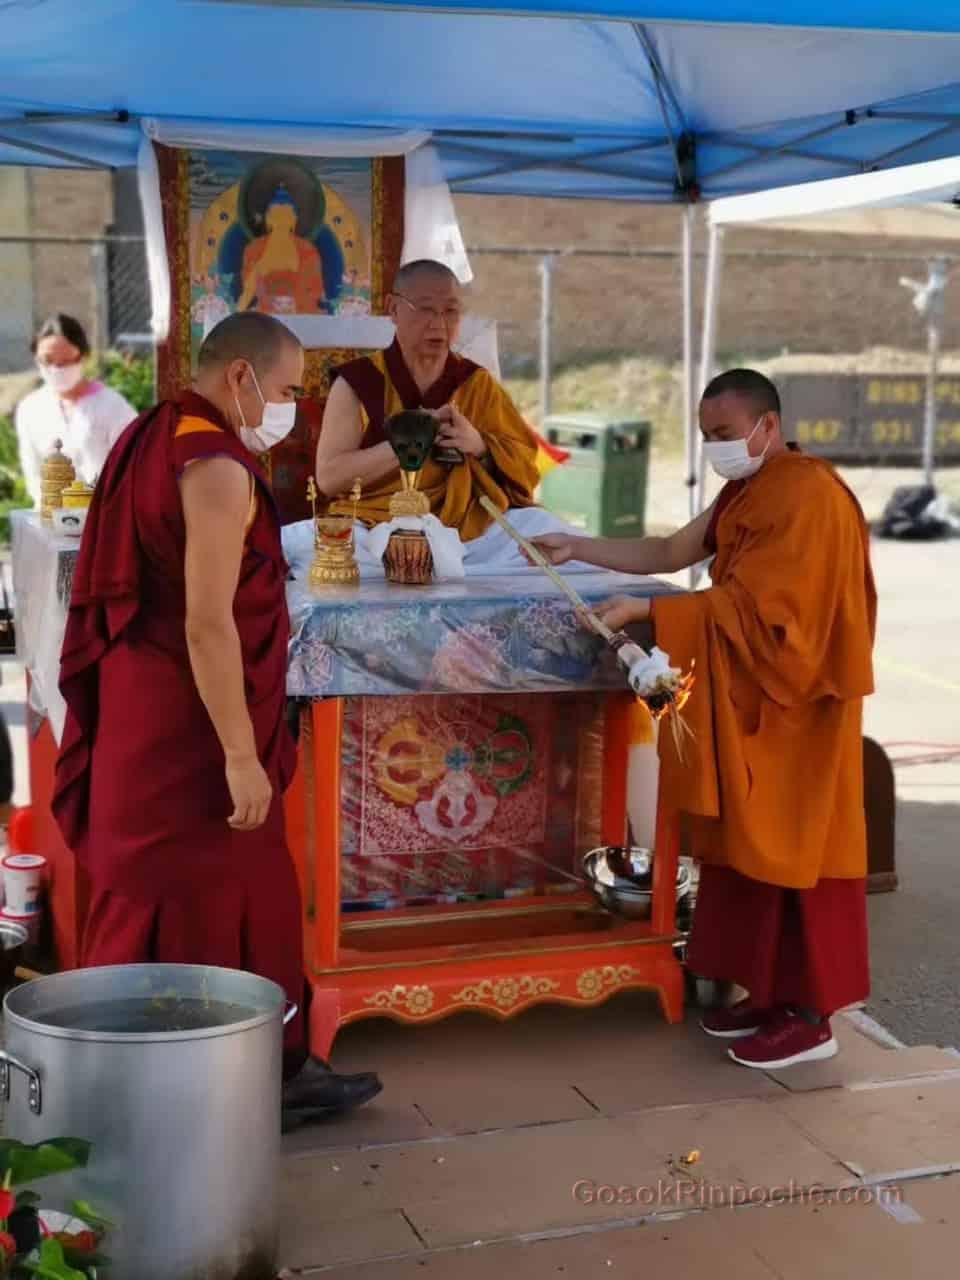 Gosok rinpoche Yamantaka Fire Puja 20190922220003